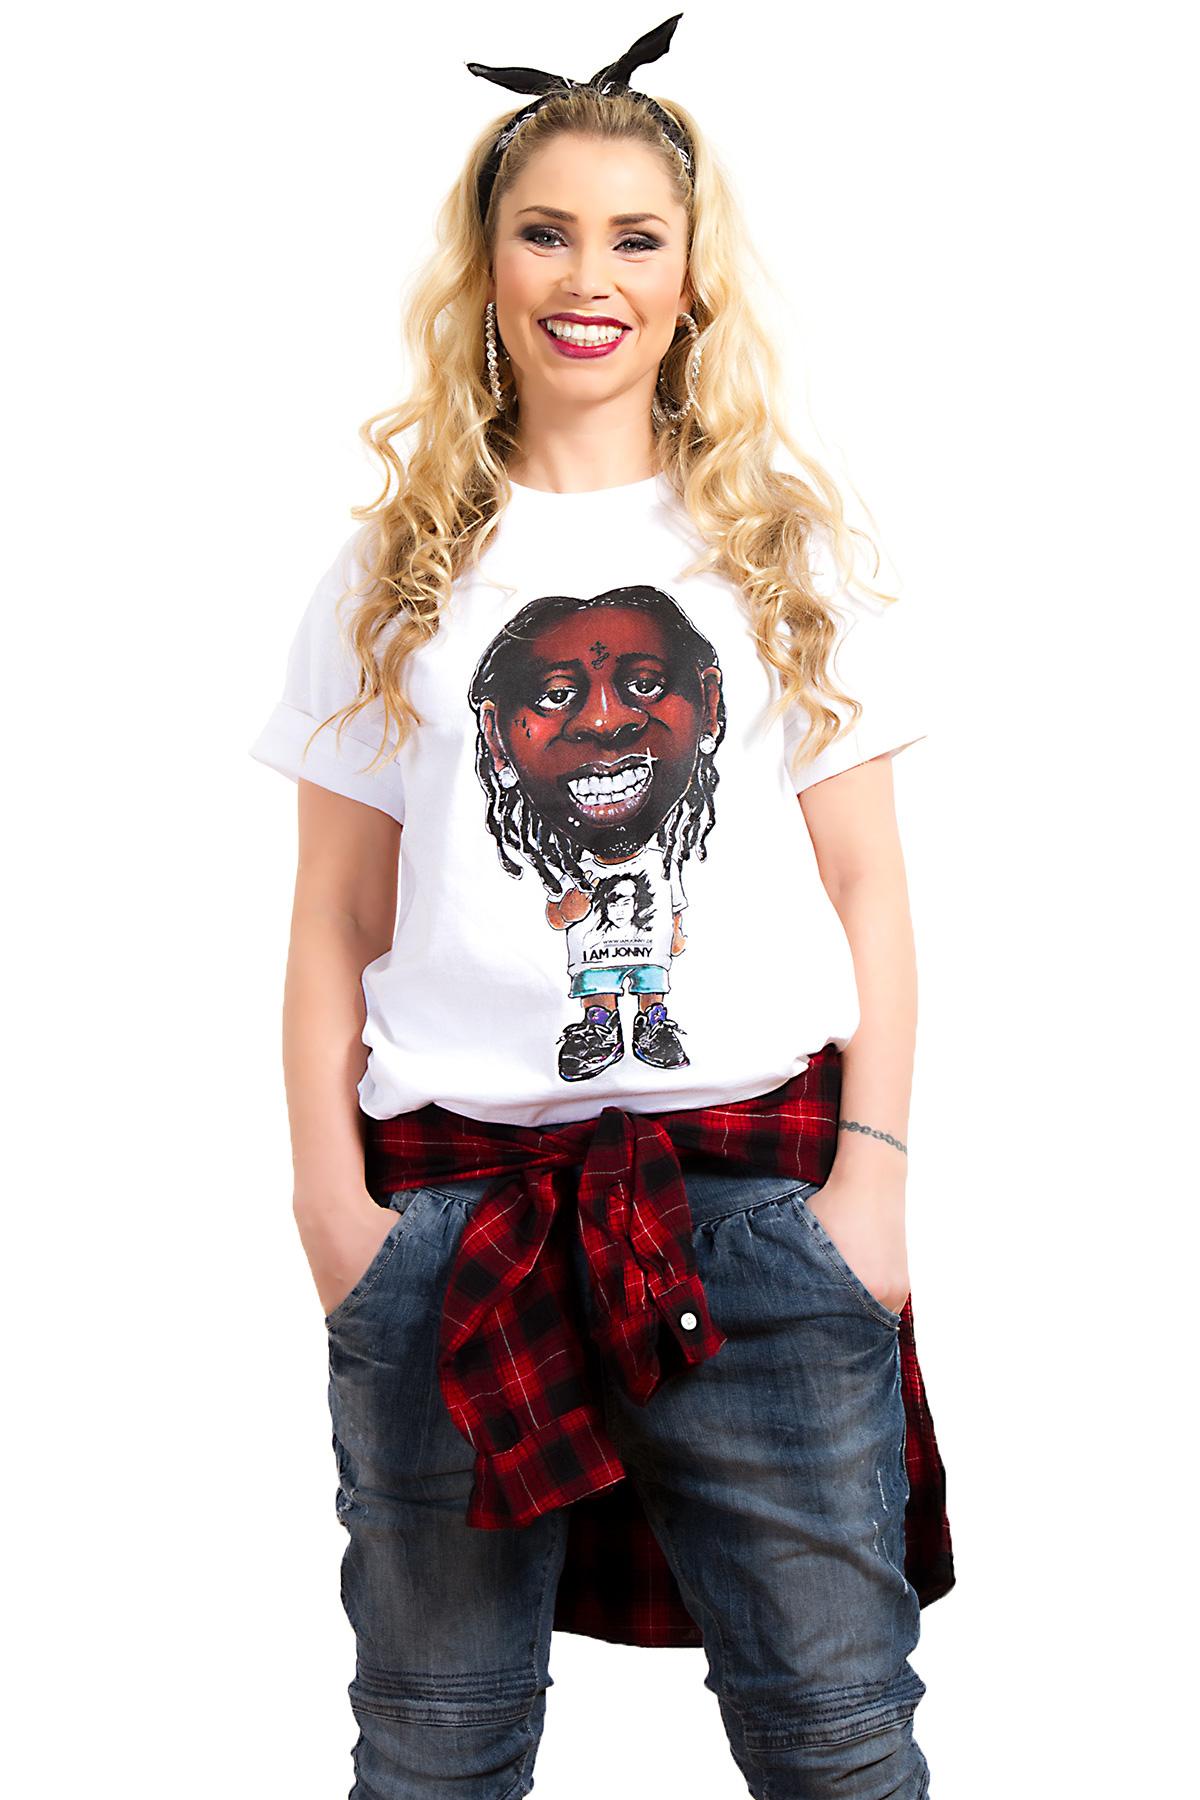 I Am Jonny Weezy Caricature Fan T-Shirt in White by Oatdaheo